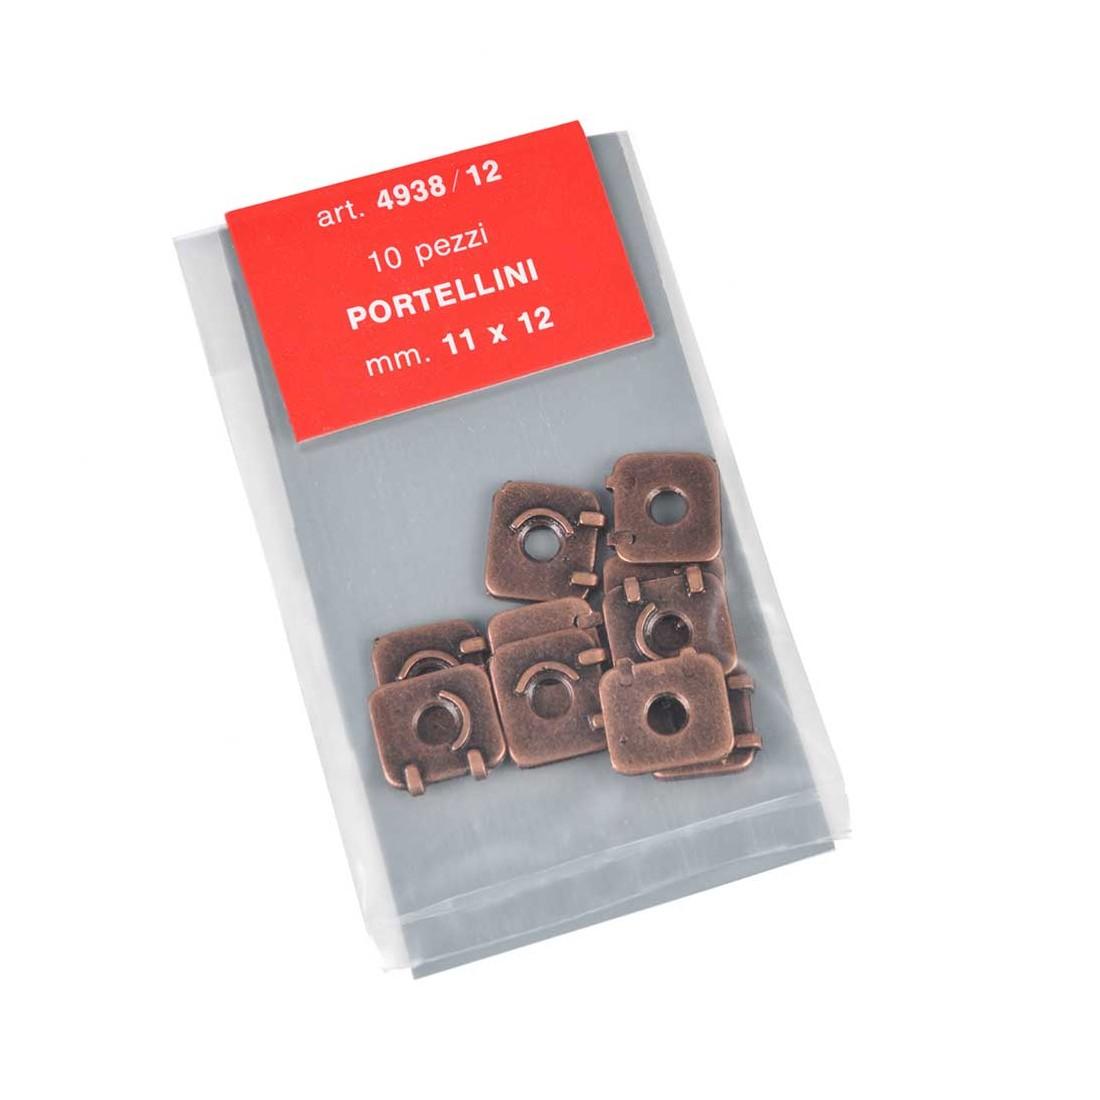 Escotillas de metal mm.11x12